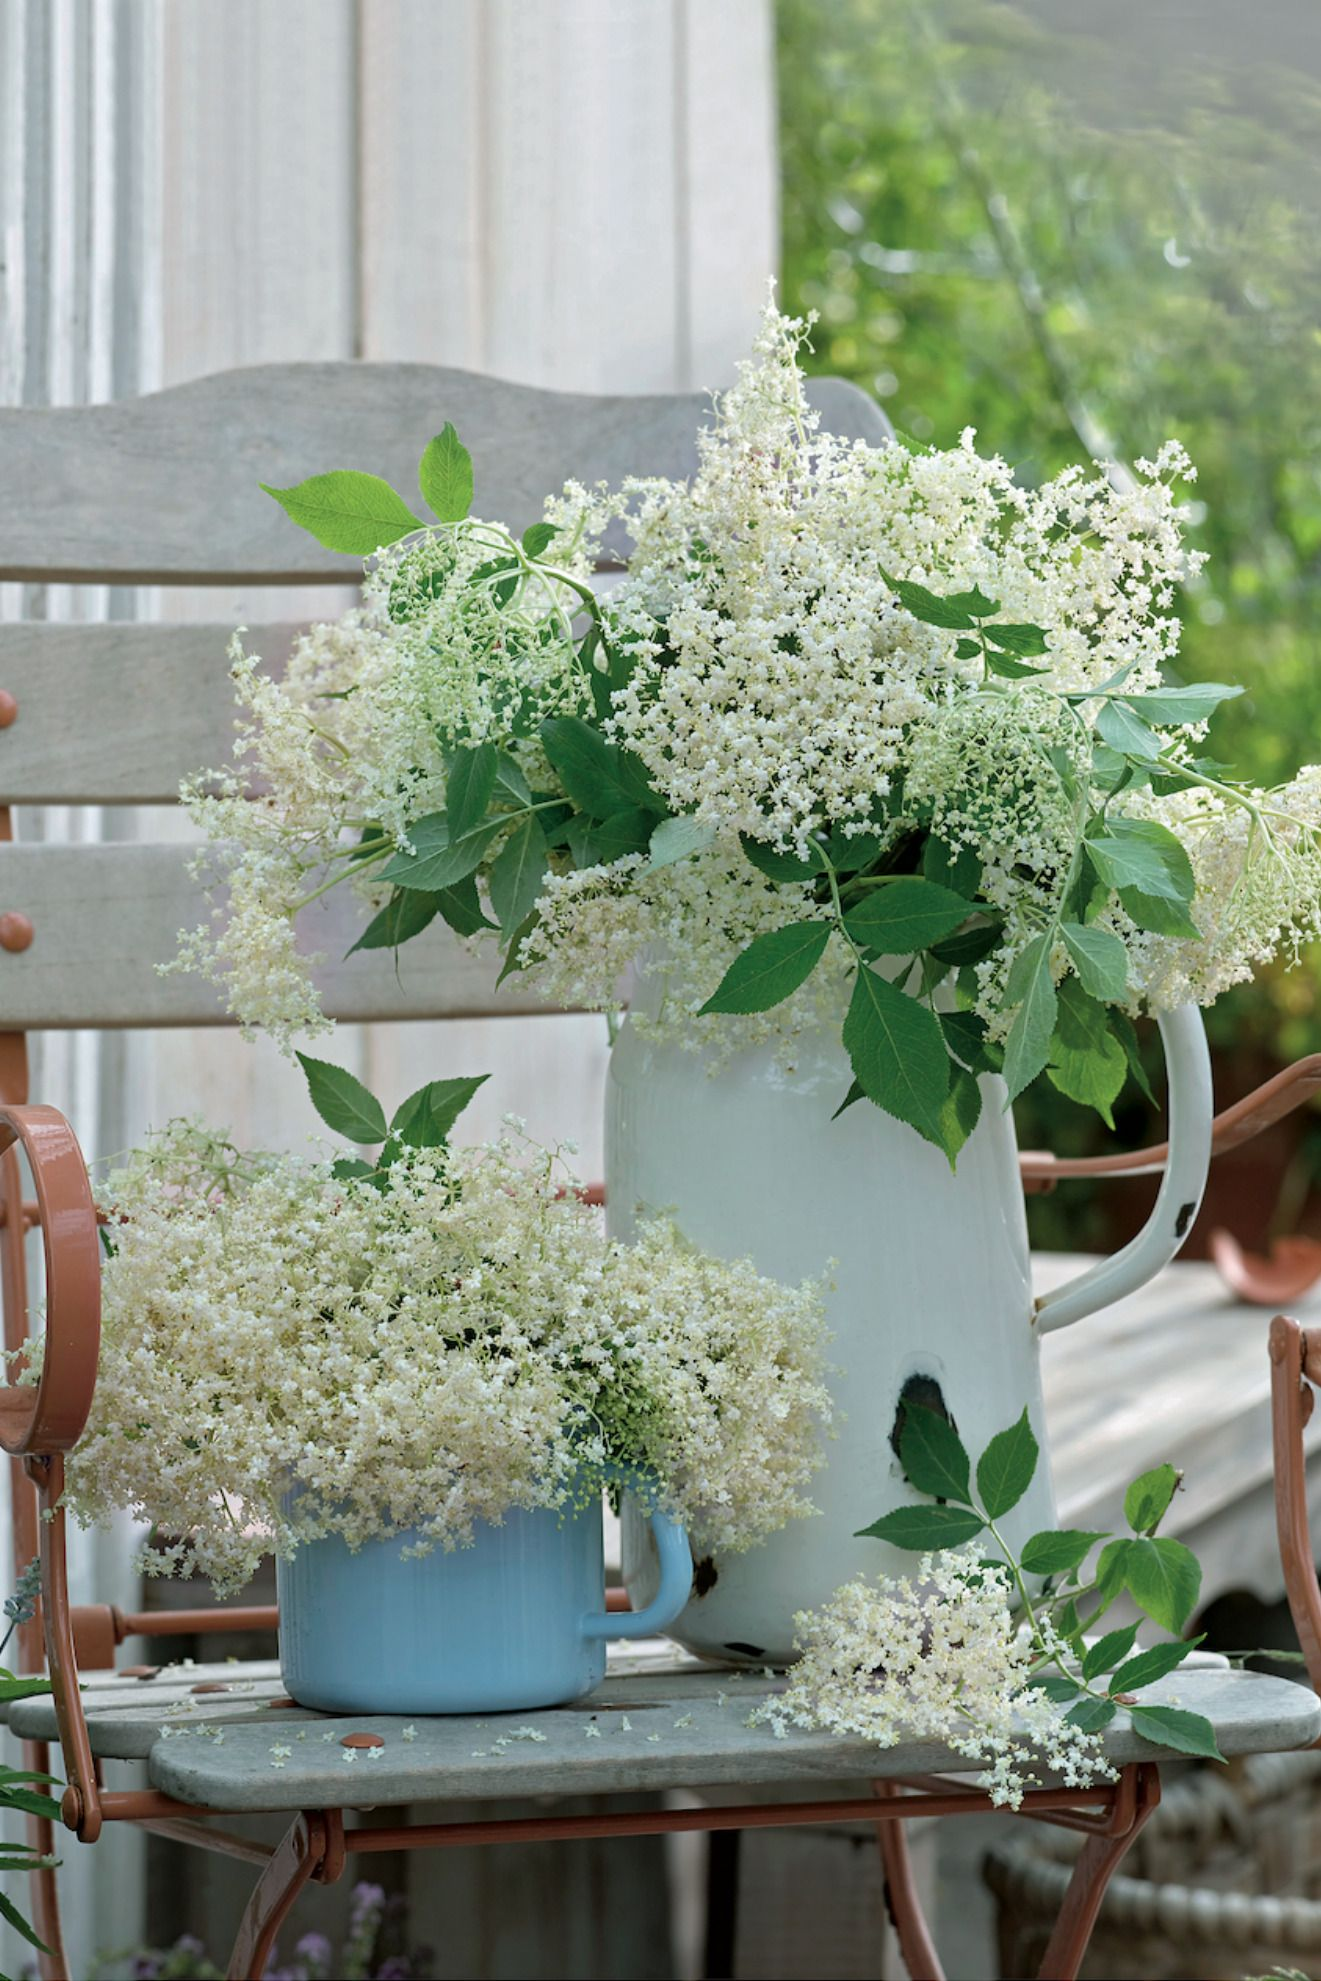 Pflanzen Deko Ideen Inspirierend Holunderblüten Lassen Sich Zu Allem Möglichen Verarbeiten